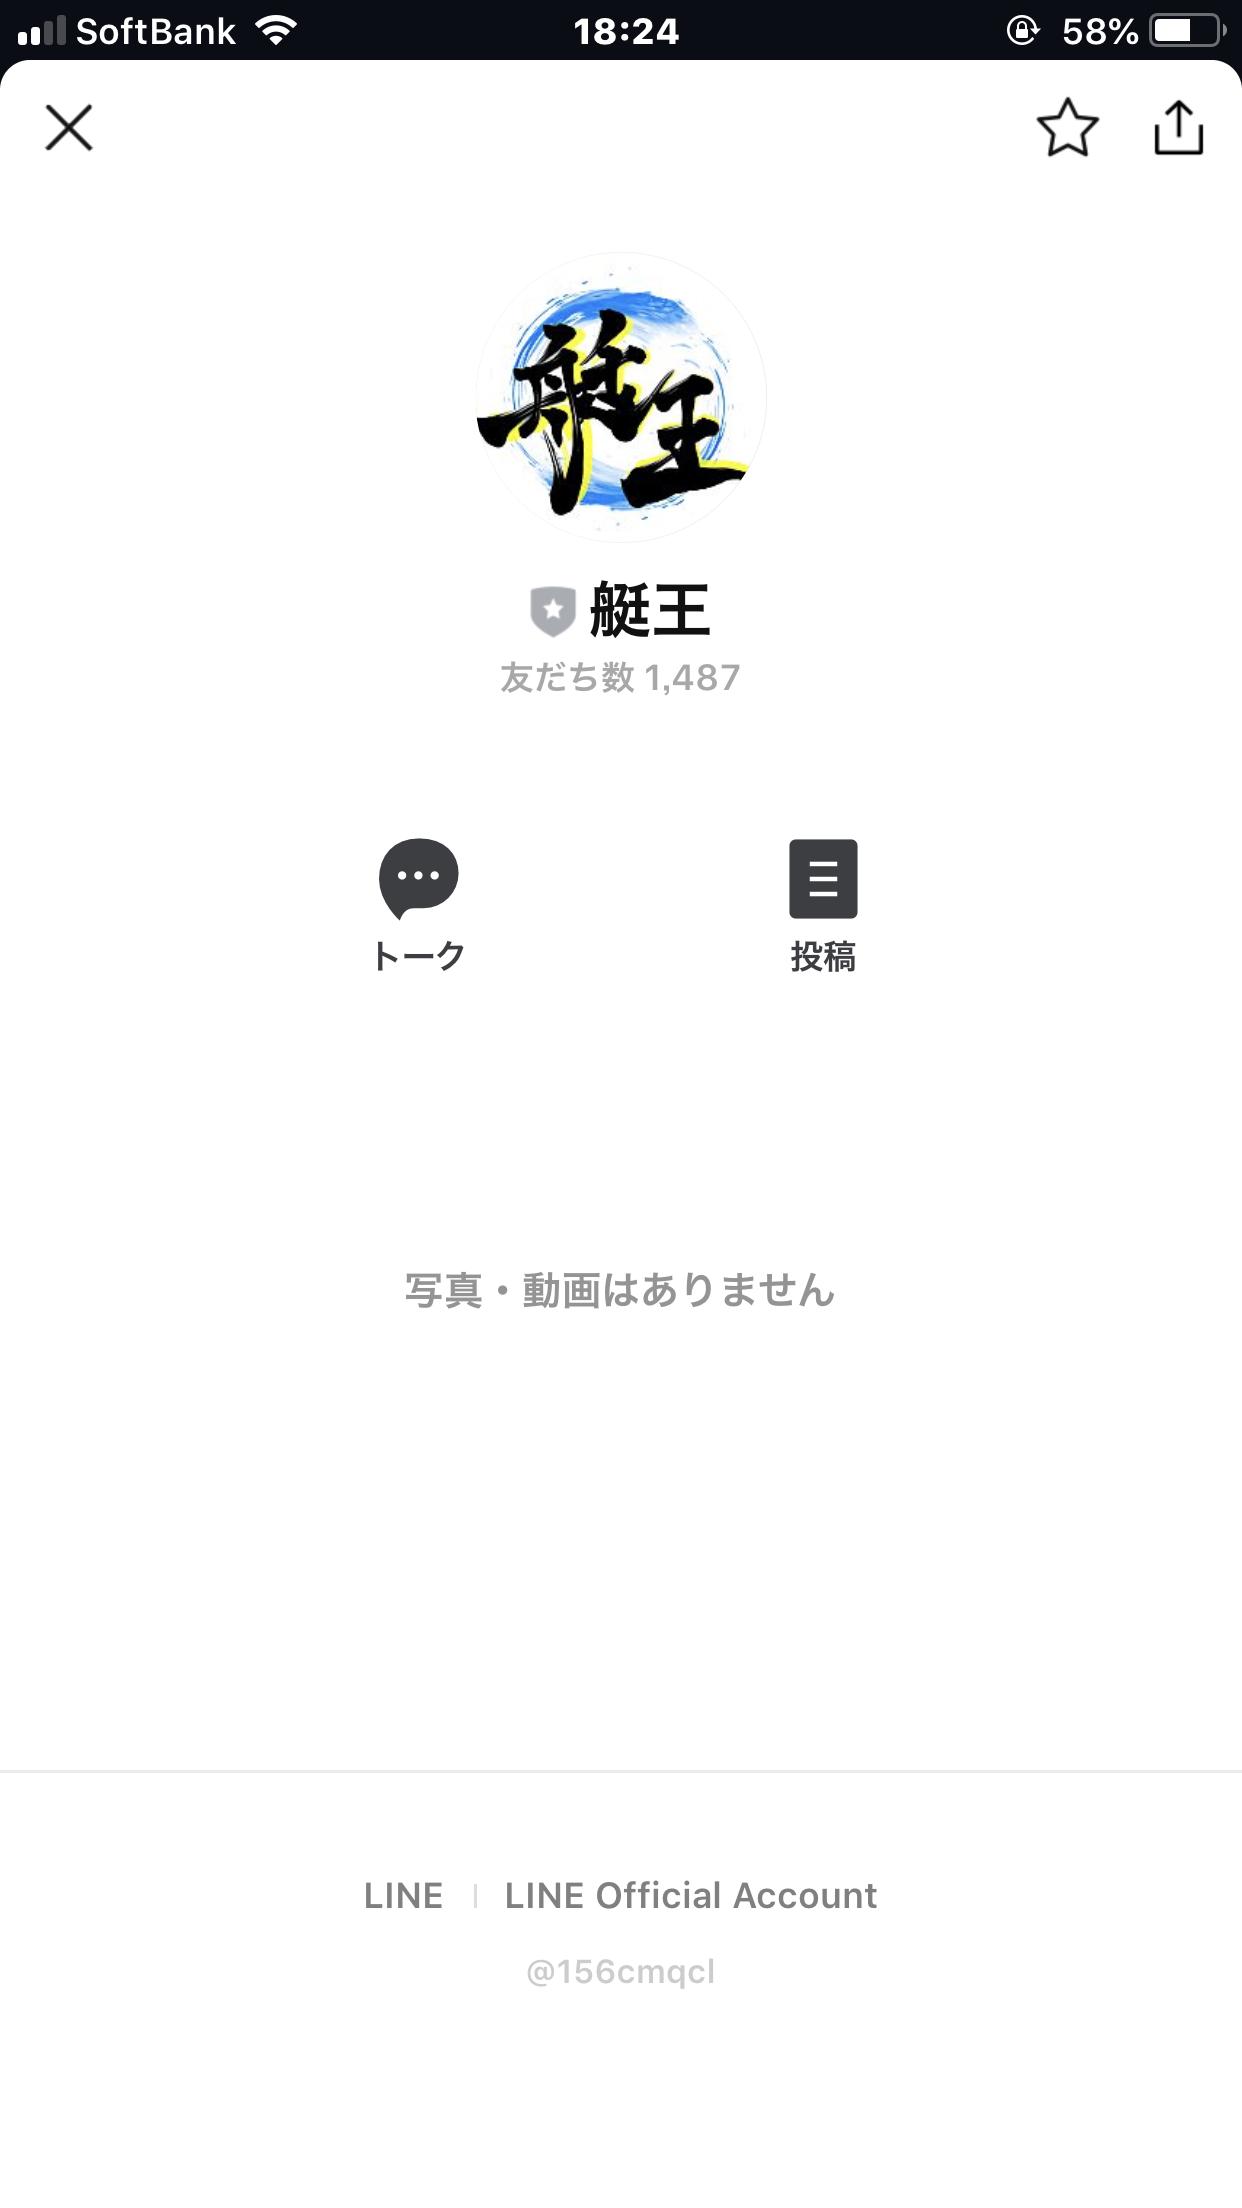 艇王ガクの激アツ無料配信の口コミ・評判・評価